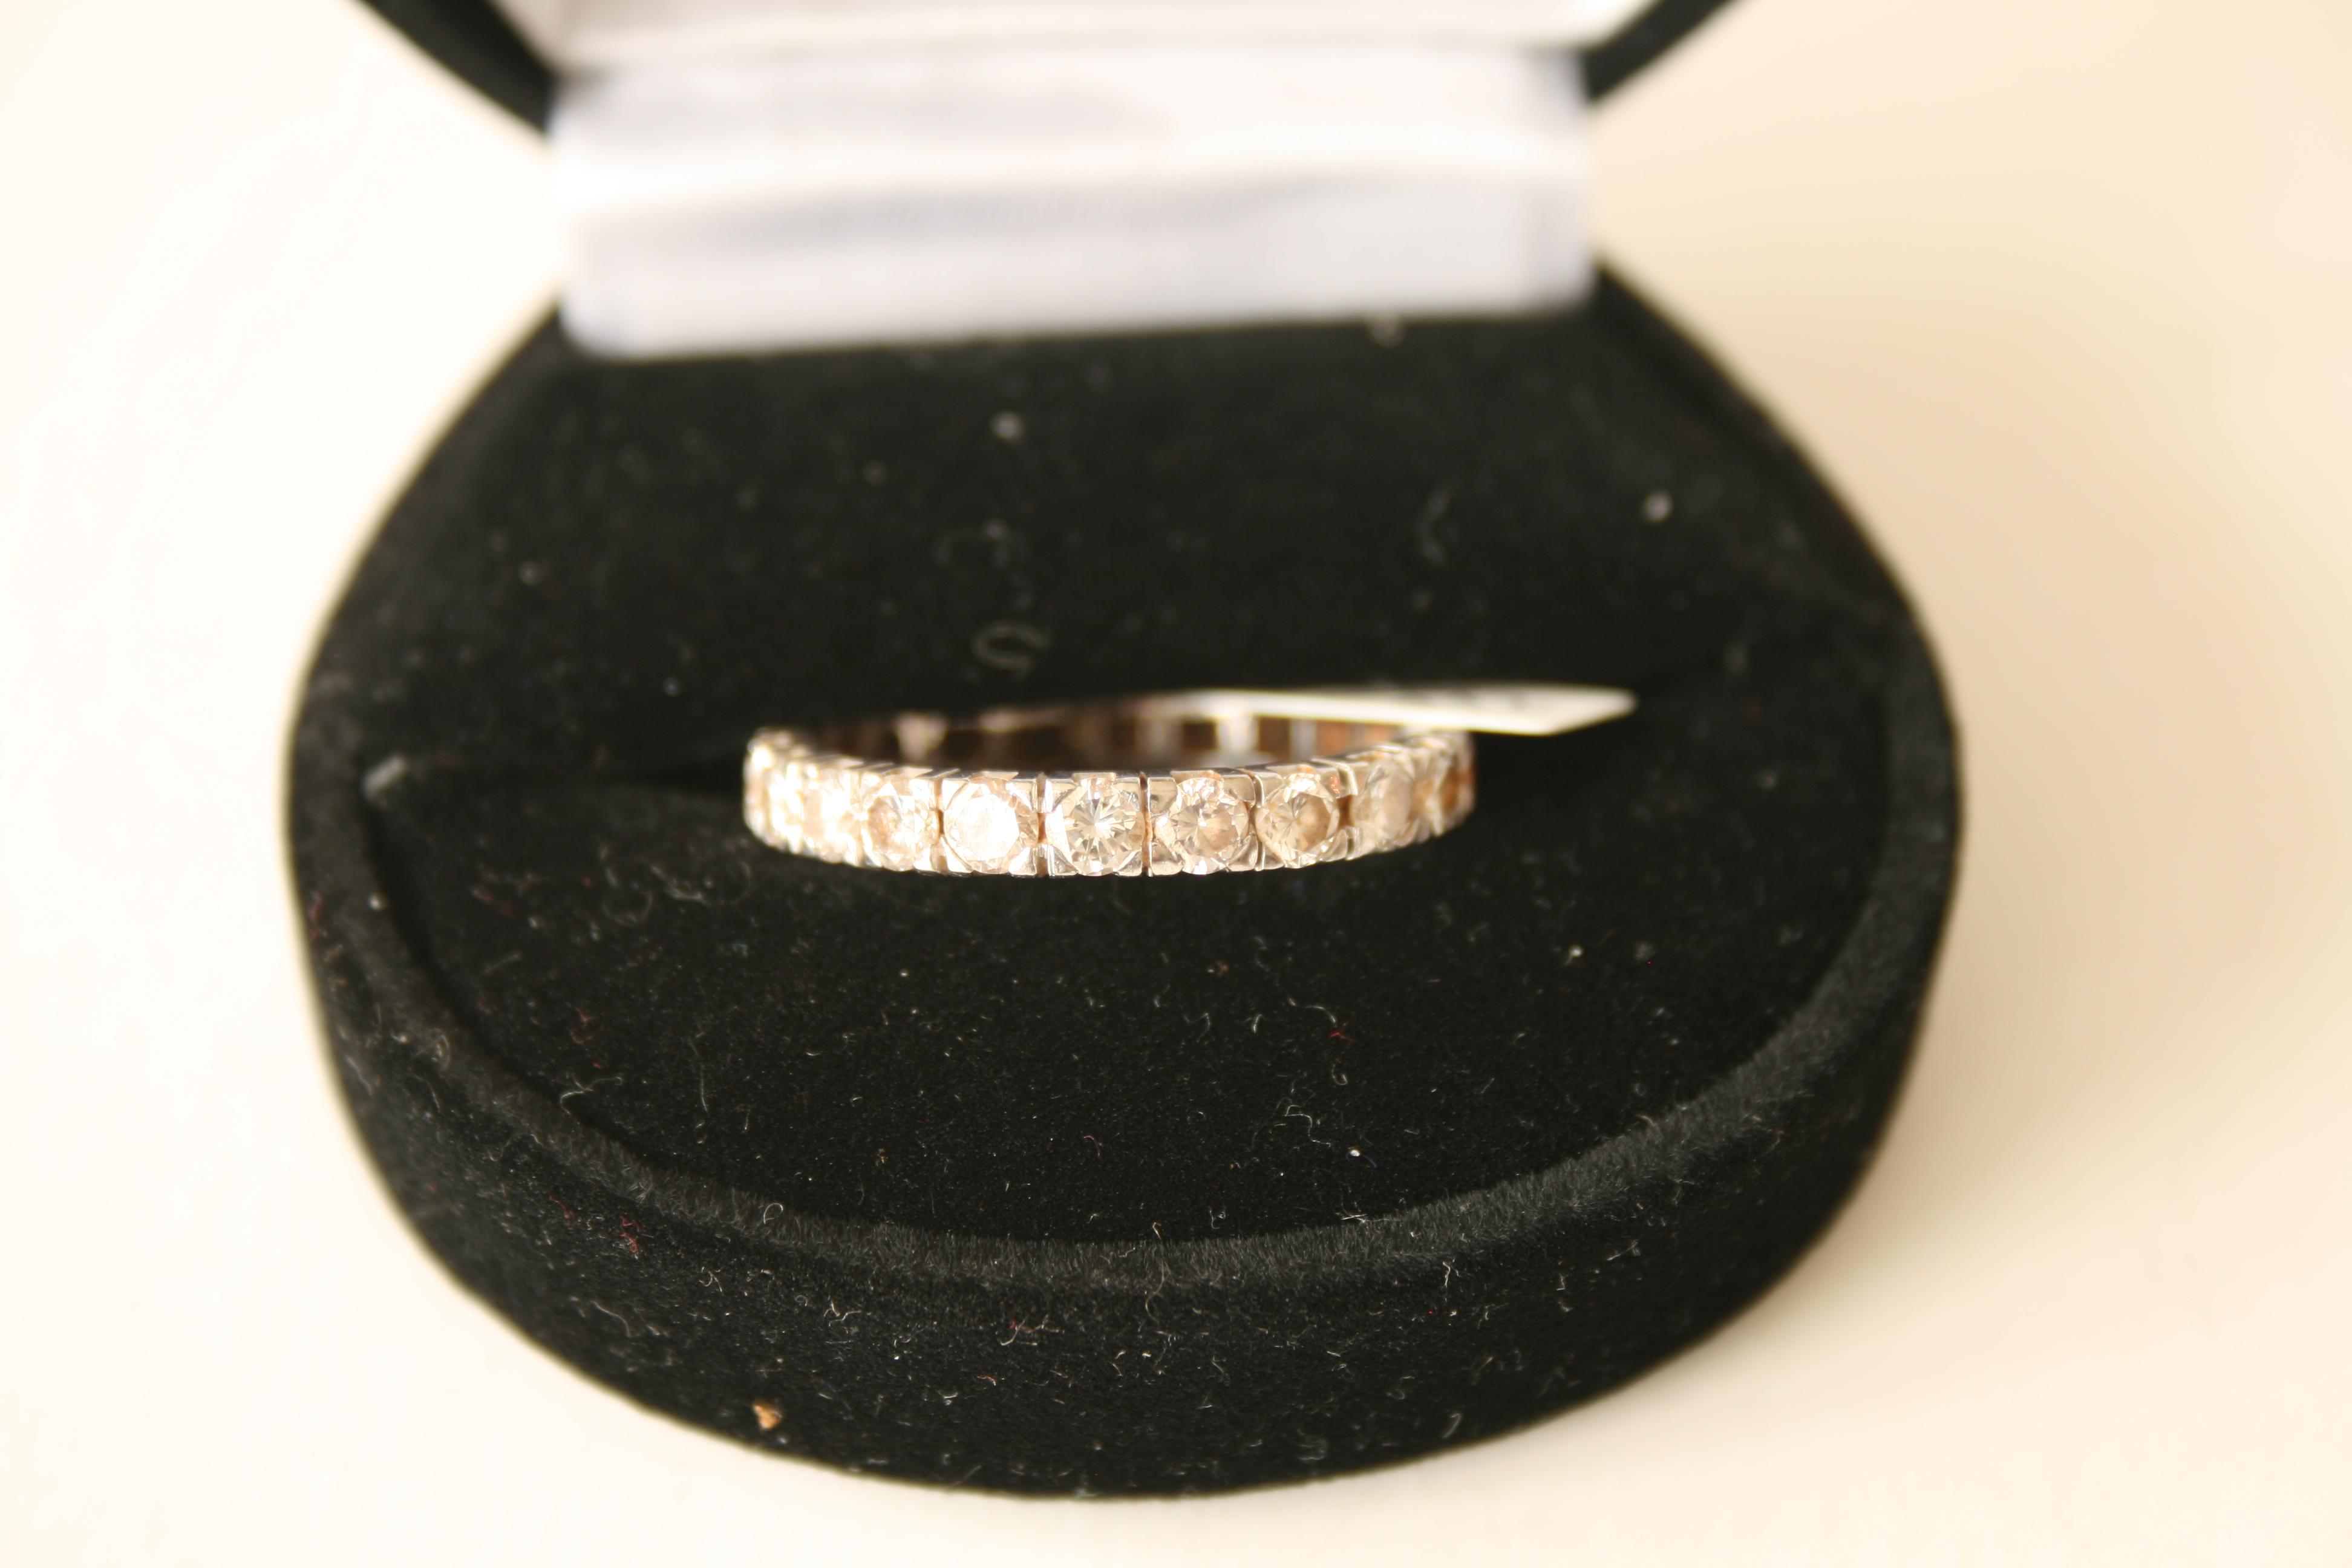 Alliance américaine en or blanc 18 ct composée de 22 diamants de 0,10 ct chacun, [...]